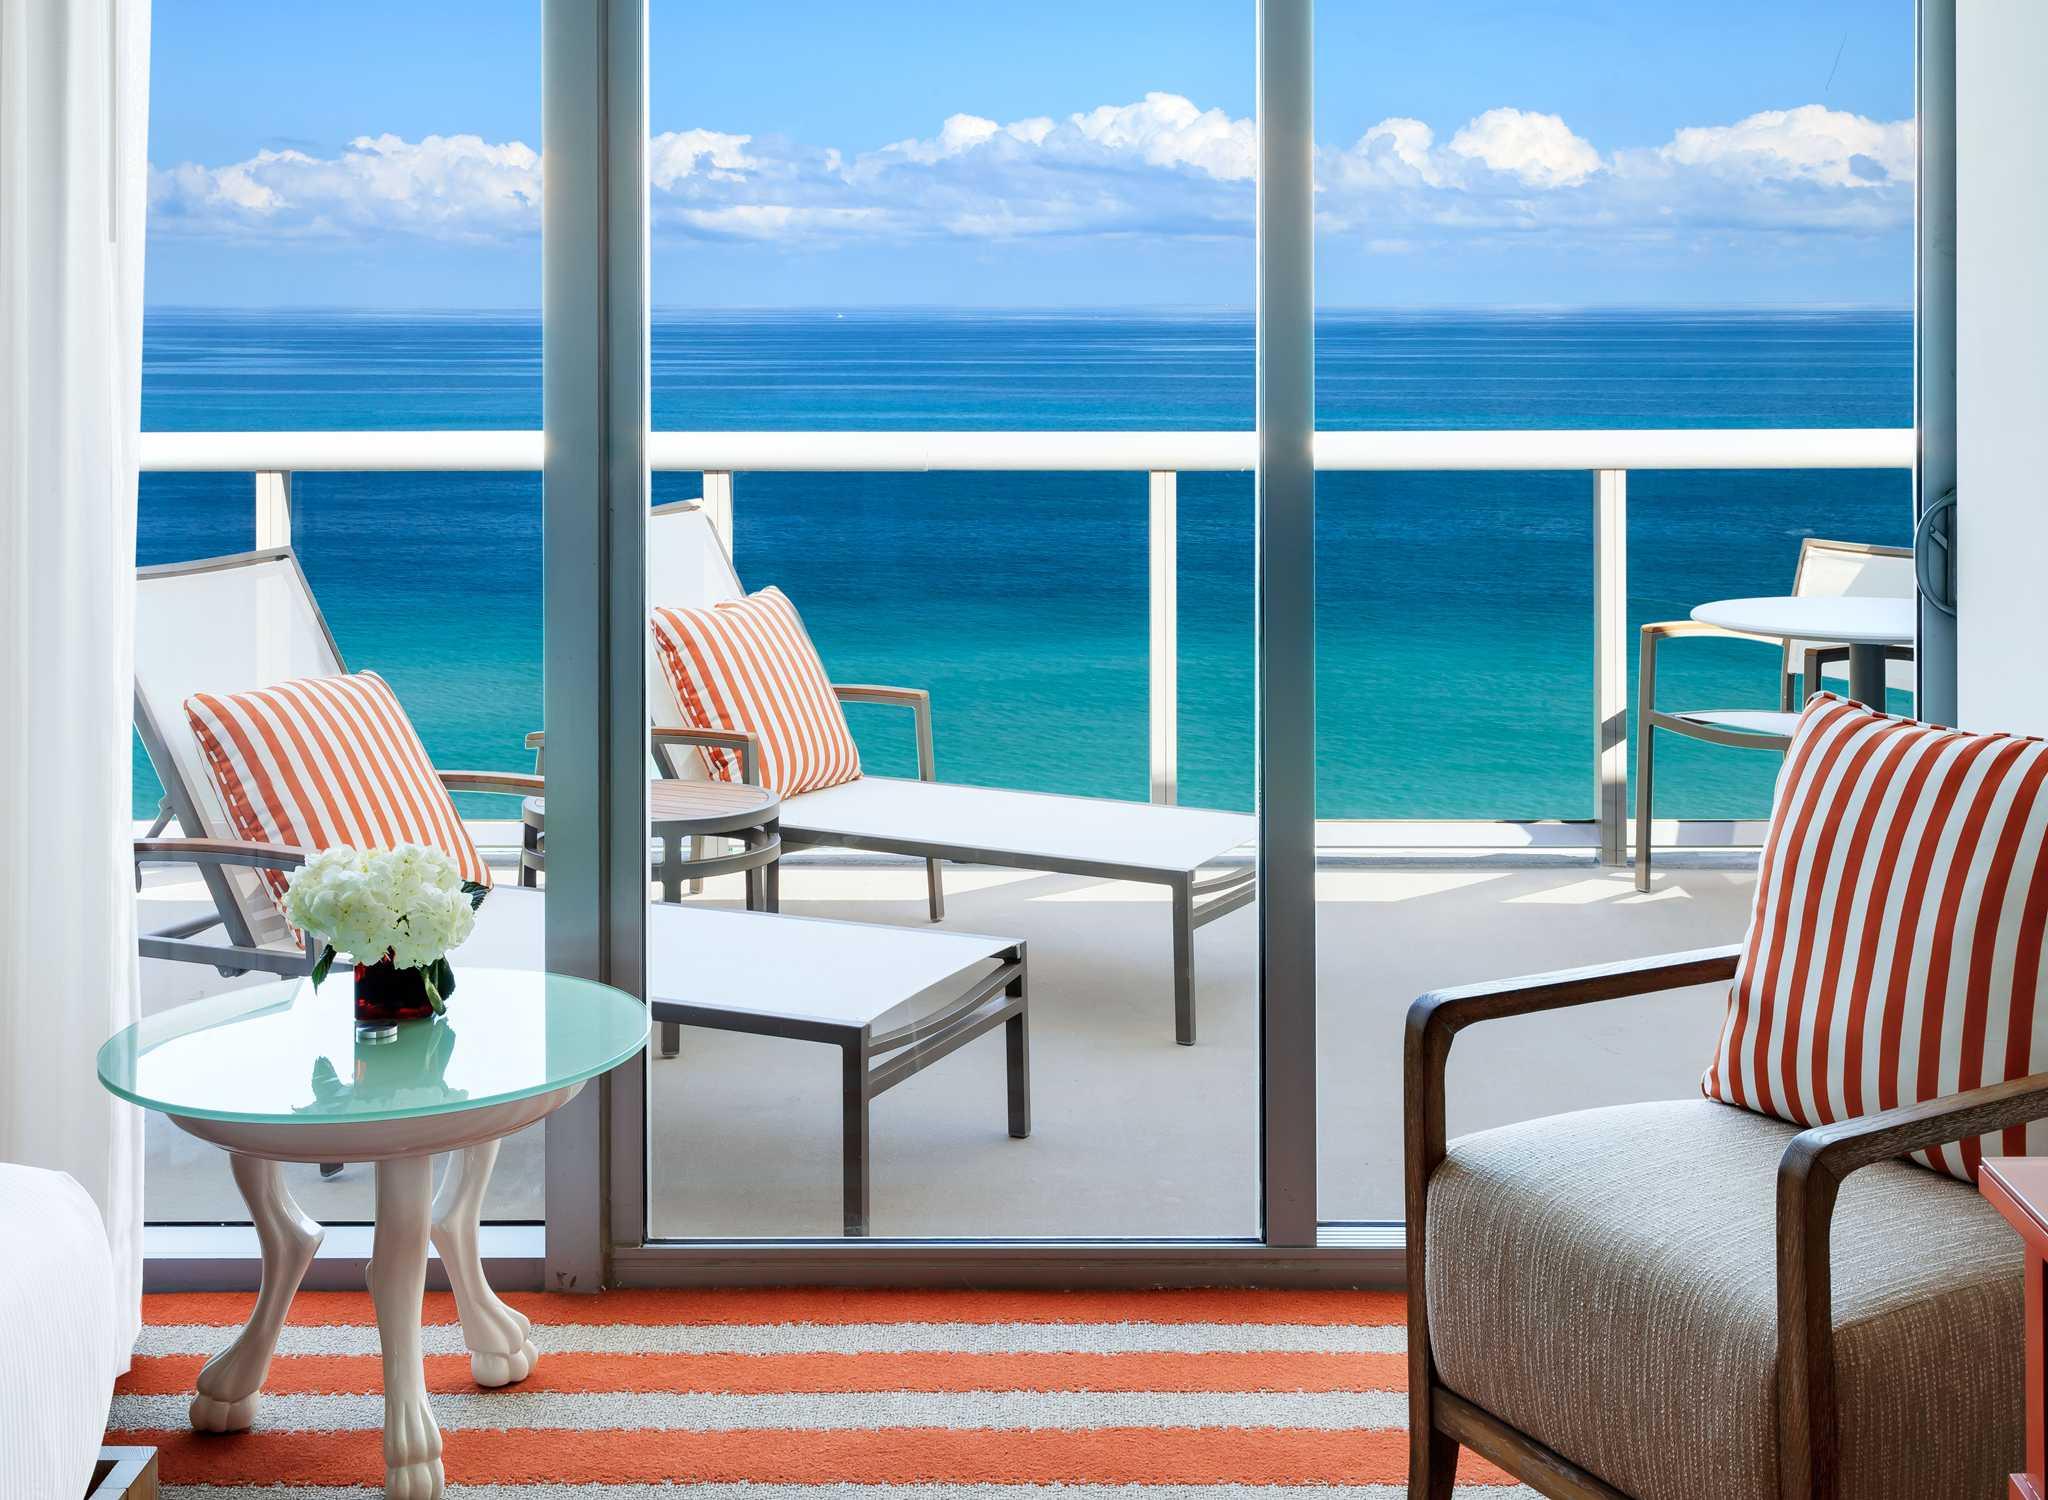 Hilton Cabana Miami Beach Hotel View From Balcony